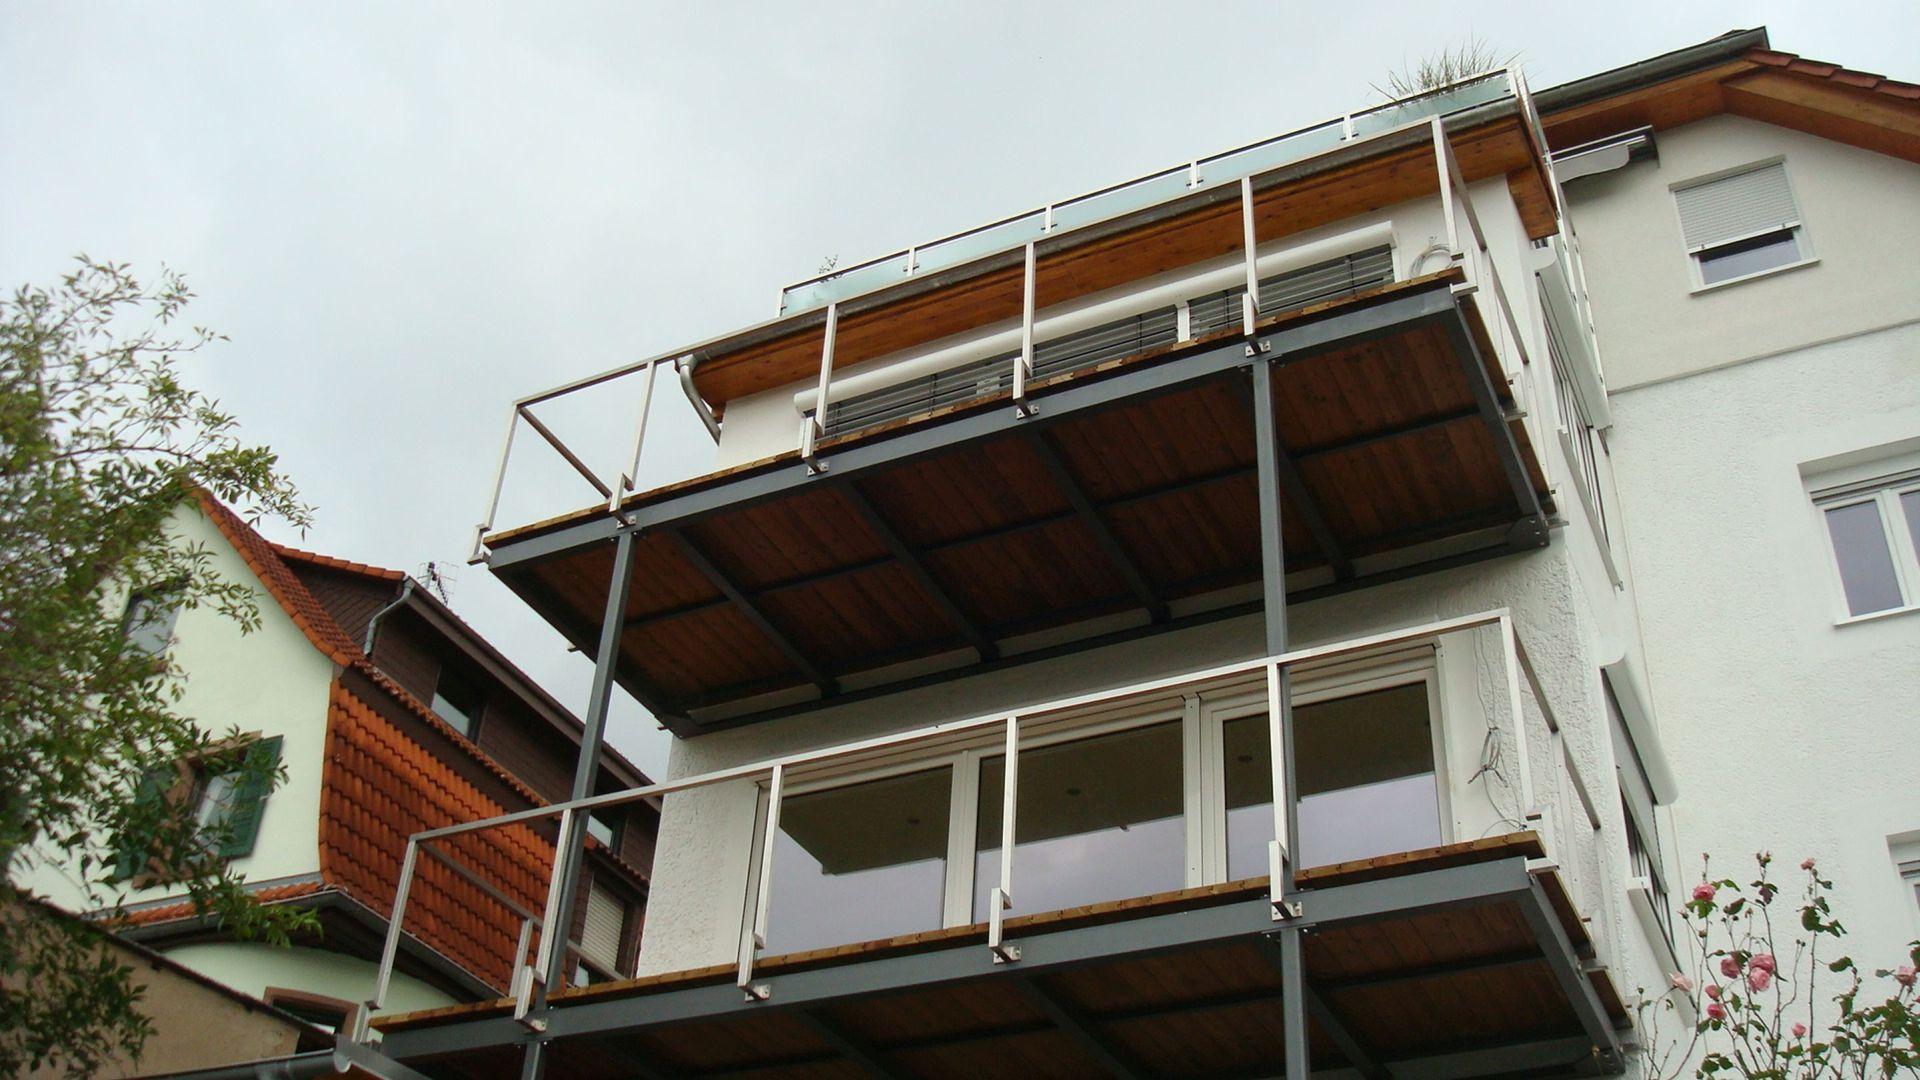 225--Stahlbalkone.JPG